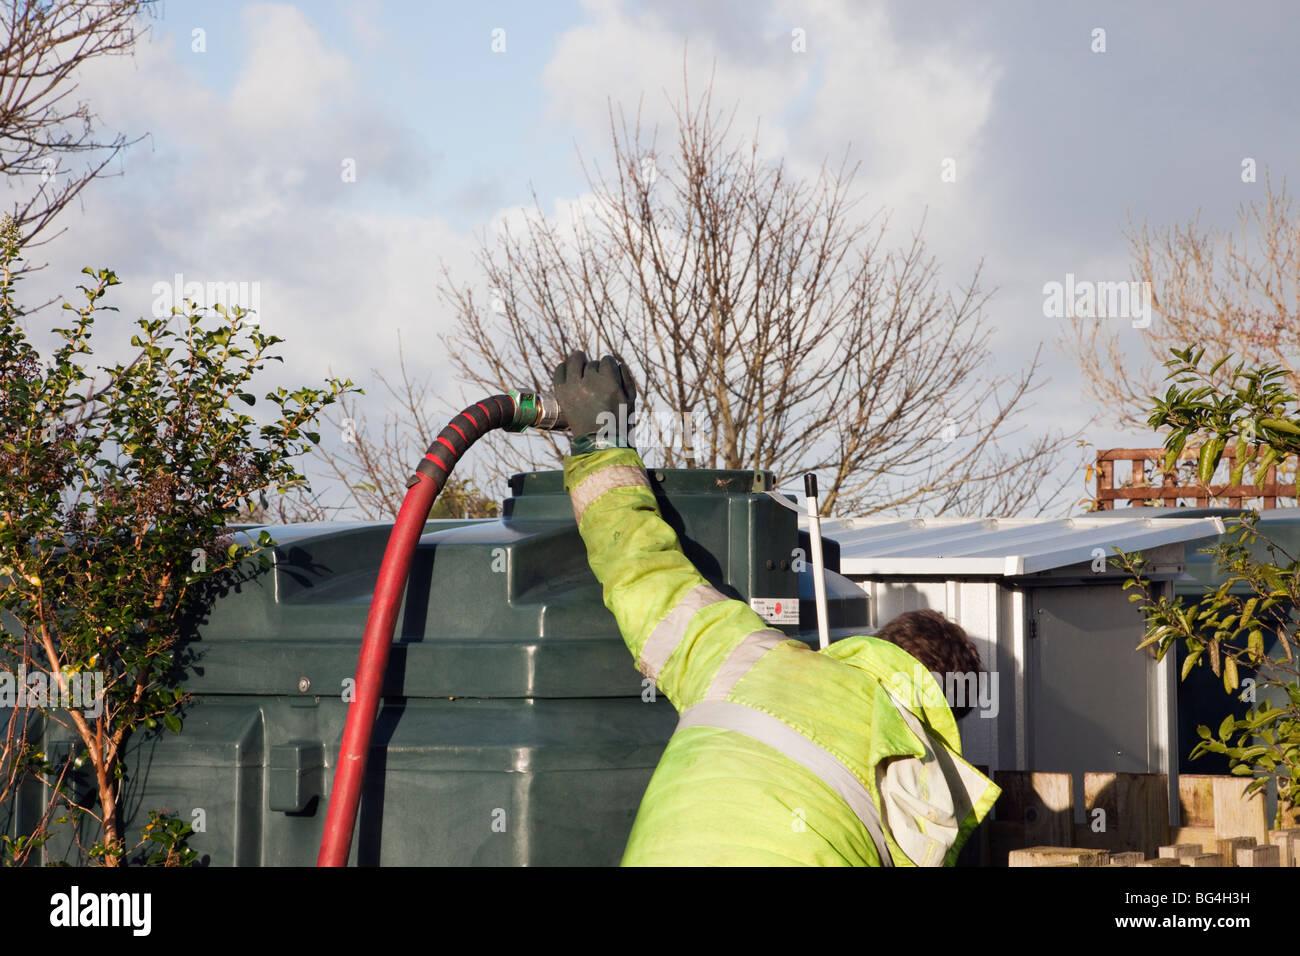 L'homme de remplir une cuve avec de l'huile domestique du tuyau d'alimentation rouge et buse. Royaume Photo Stock